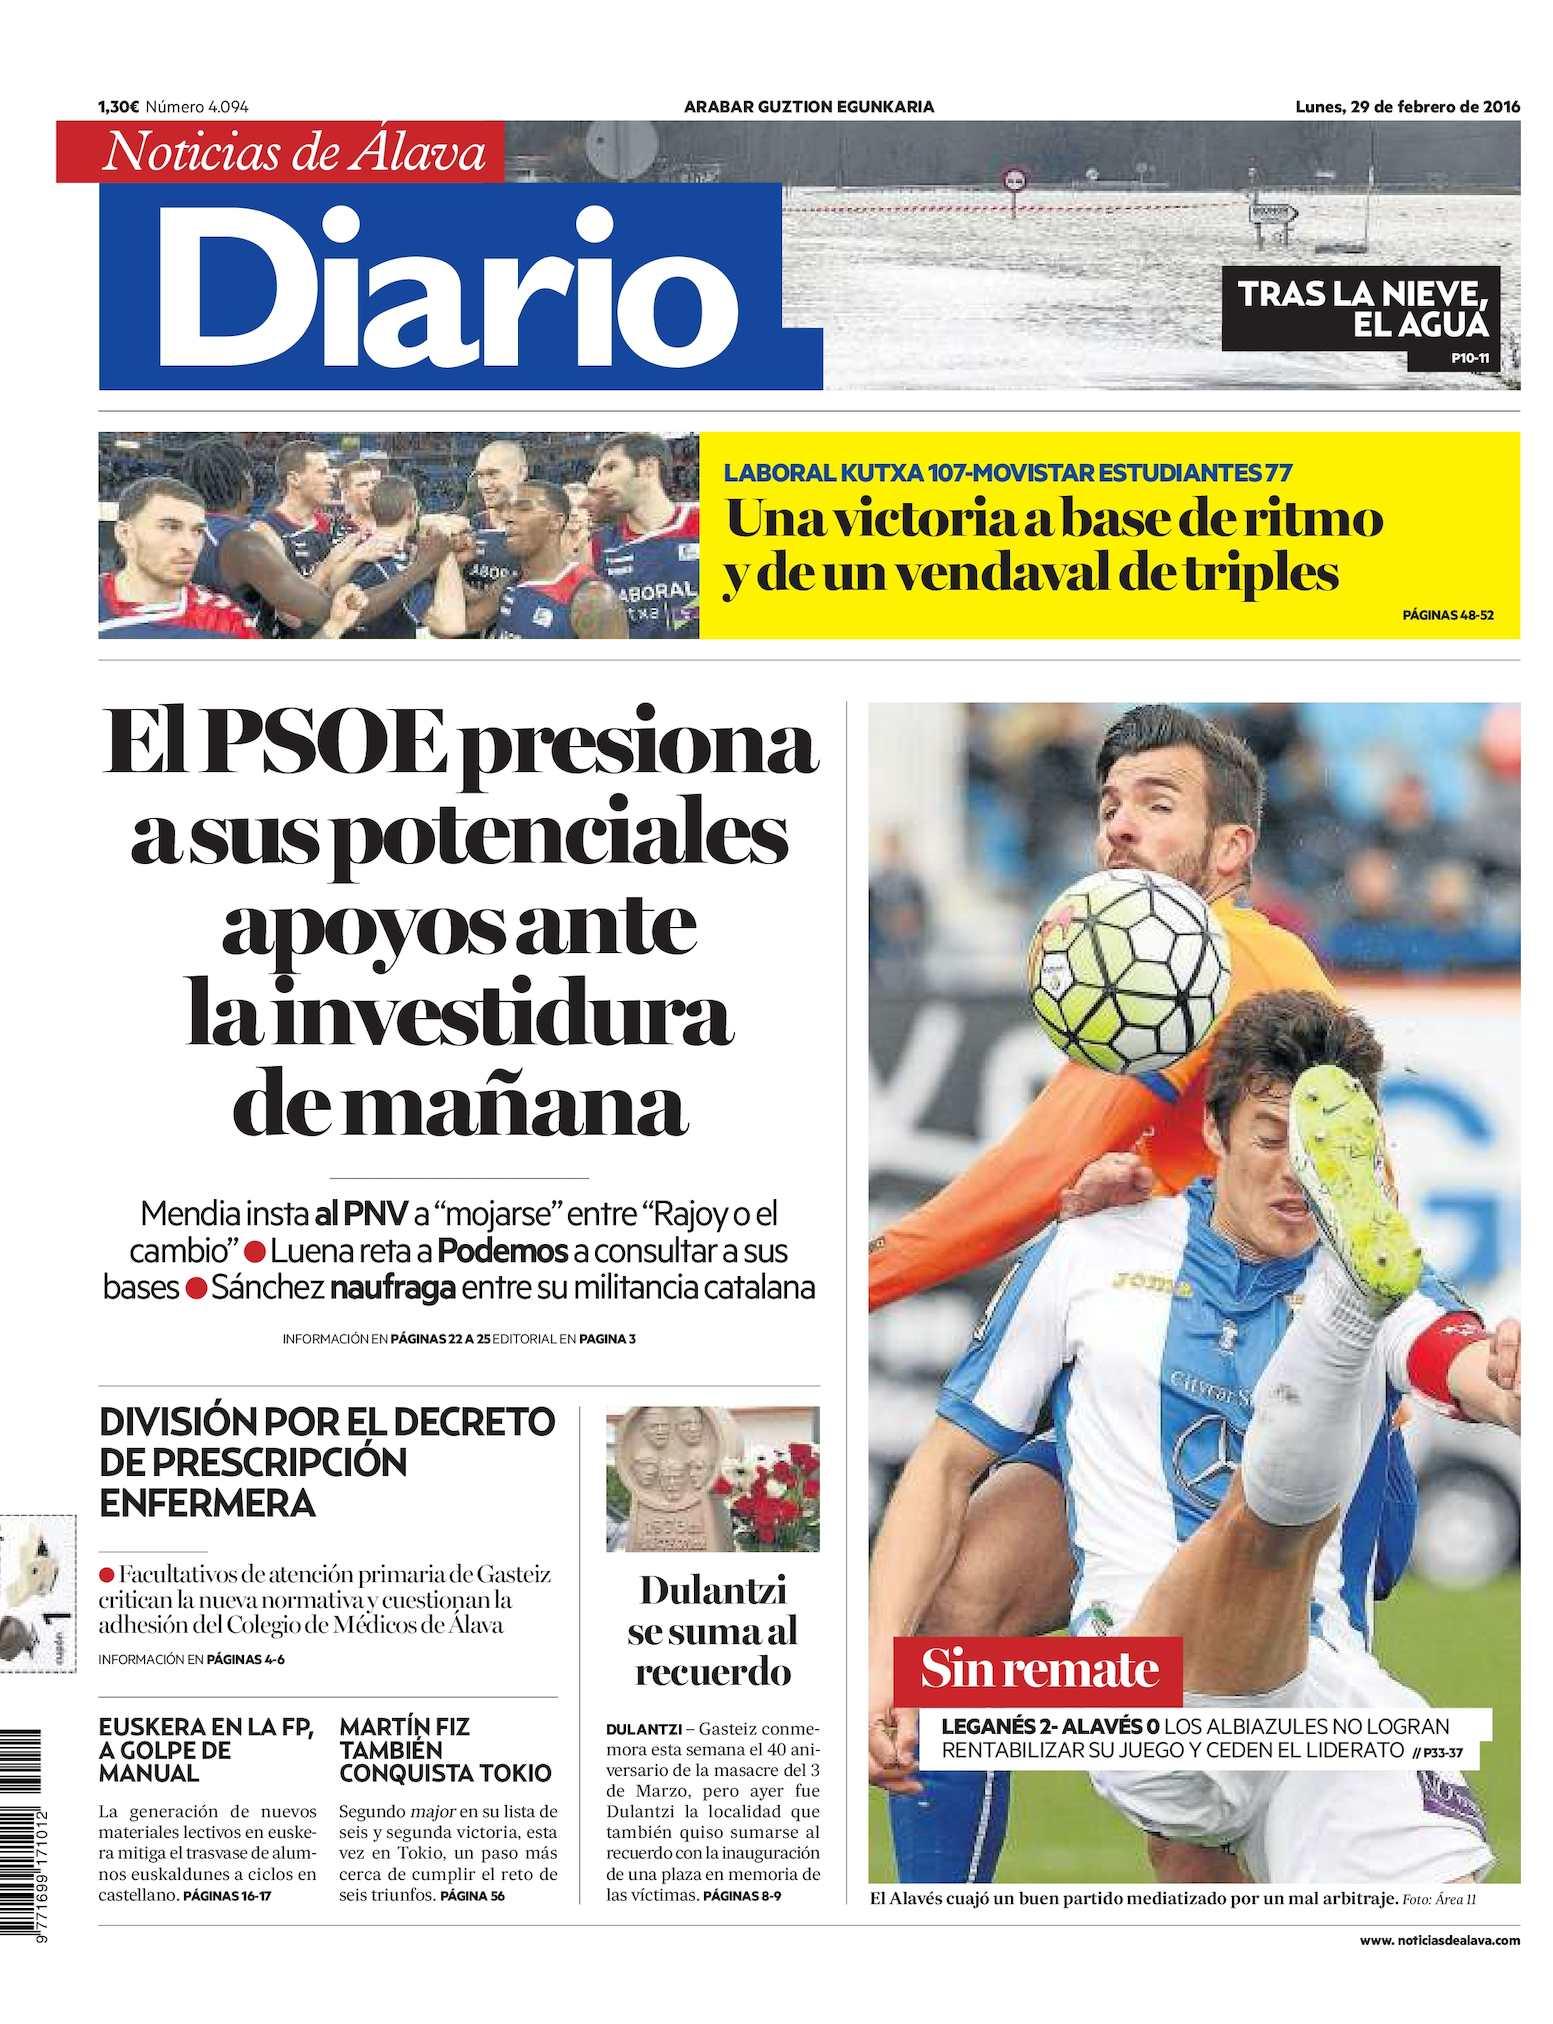 Calaméo - Diario de Noticias de Álava 20160229 26c0ecdca52ab